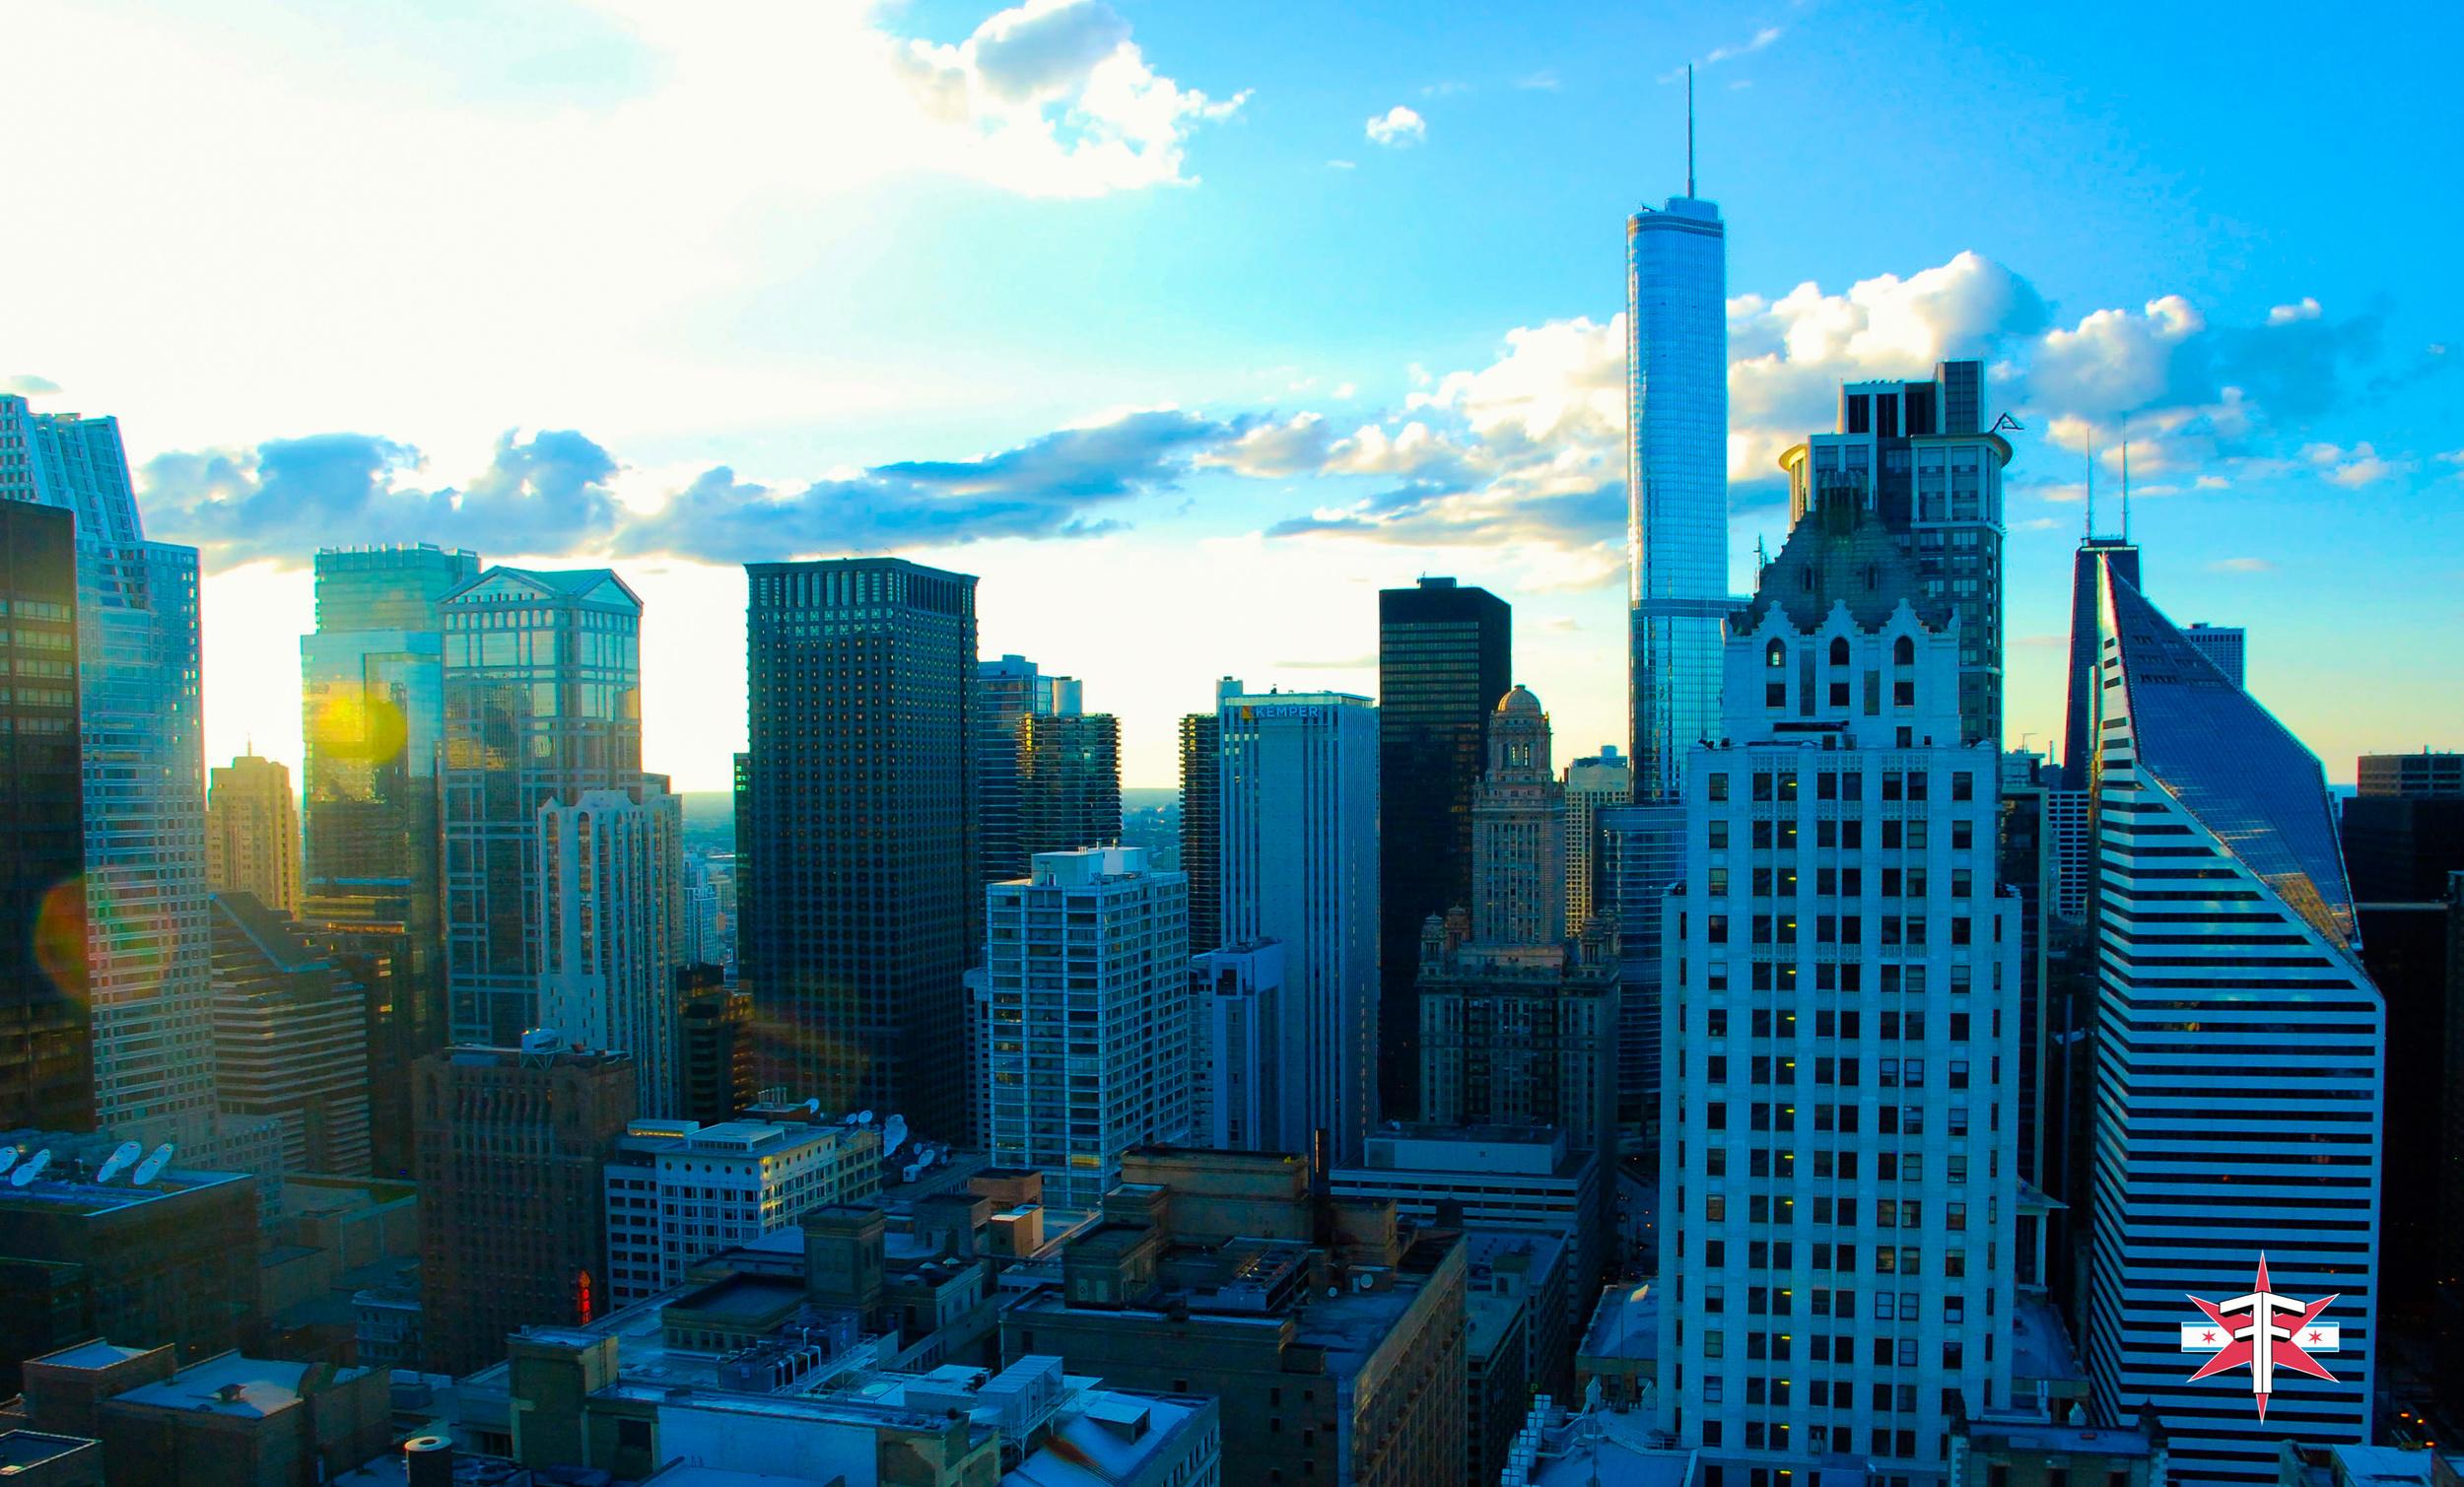 chicago art architecture eric formato photography design arquitectura architettura buildings skyscraper skyscrapers-277.jpg